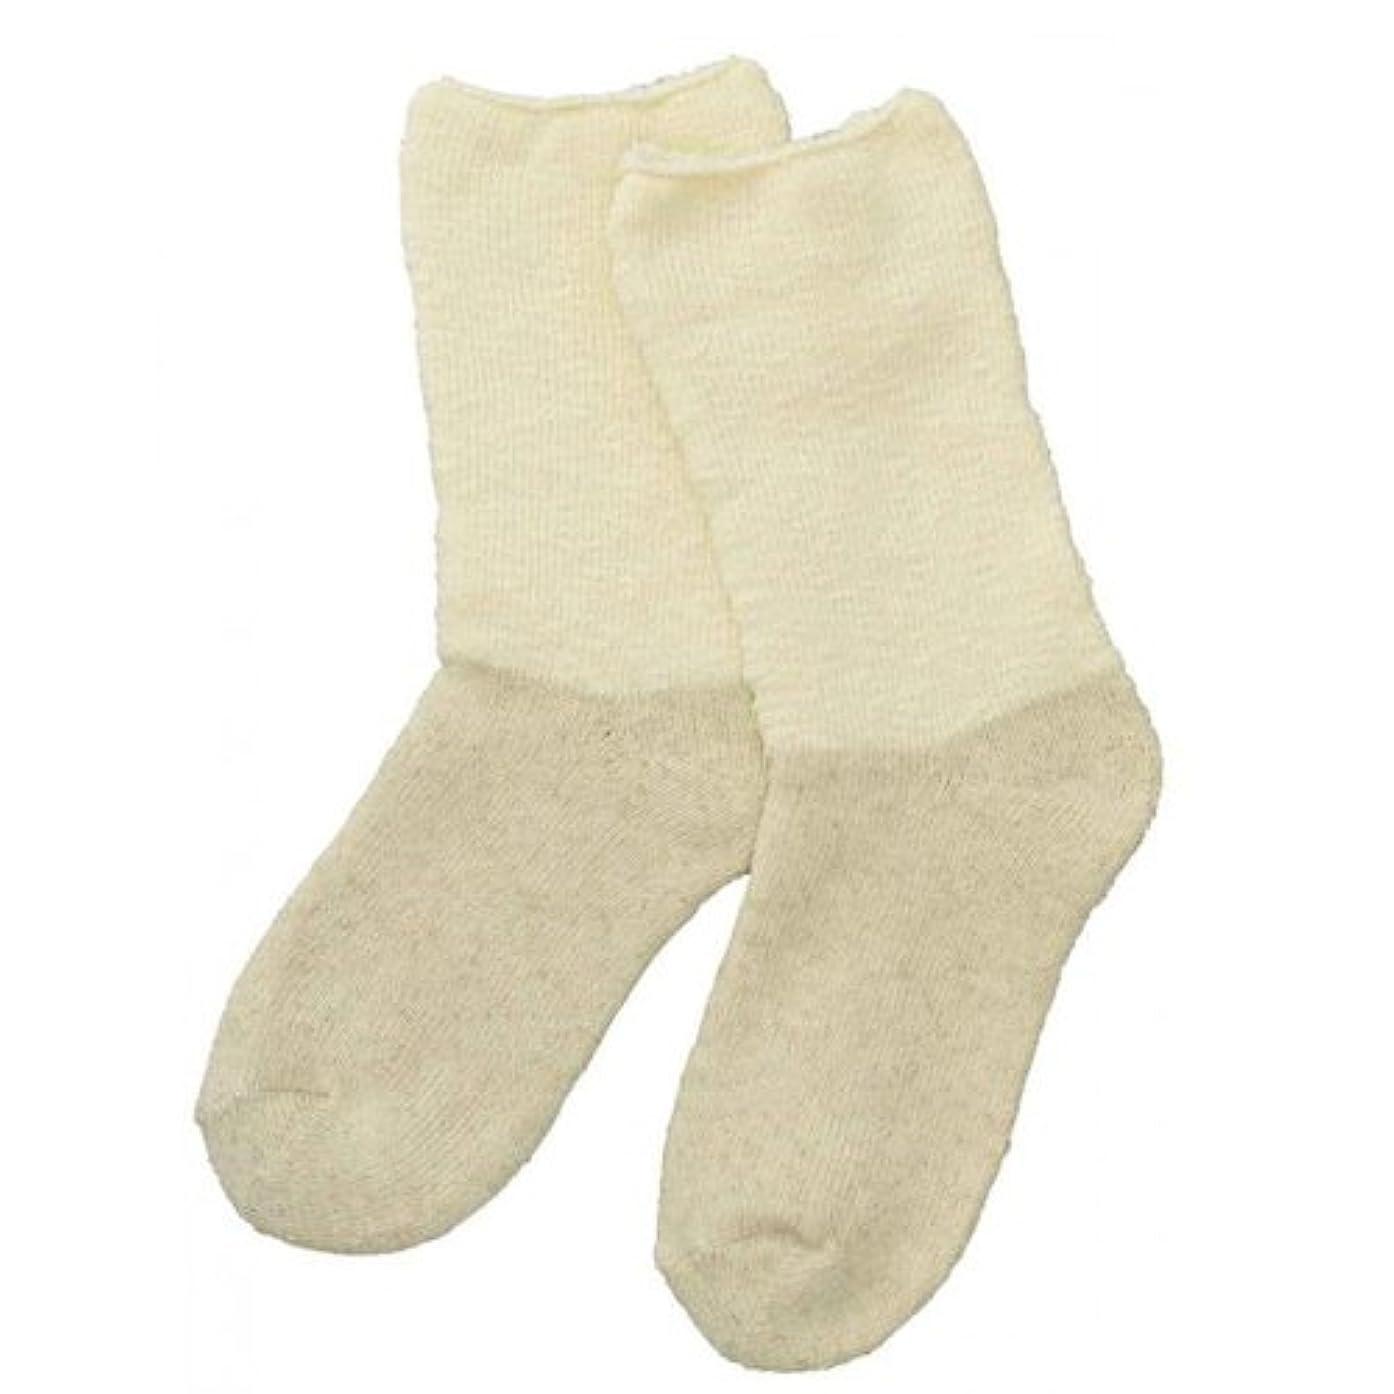 言語学転用船酔いCarelance(ケアランス)お風呂上りのやさしい靴下 綿麻パイルで足先さわやか 8706CA-31 クリーム